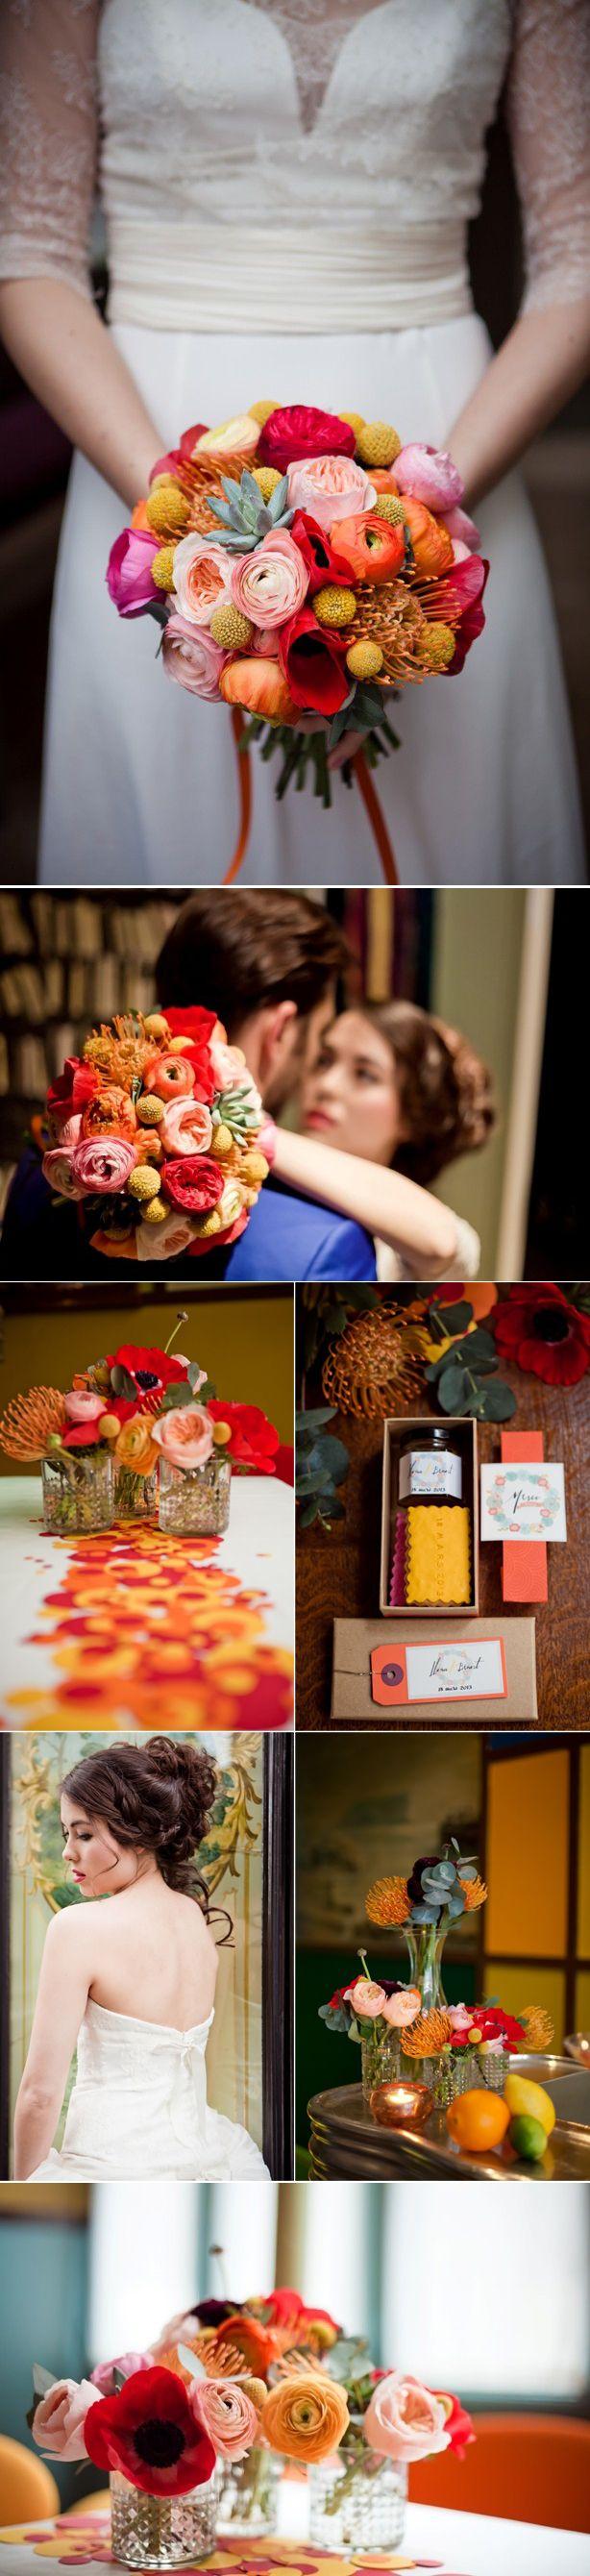 Le-blog-de-madame-c-inspiration-flower-pop-Mymoon-1